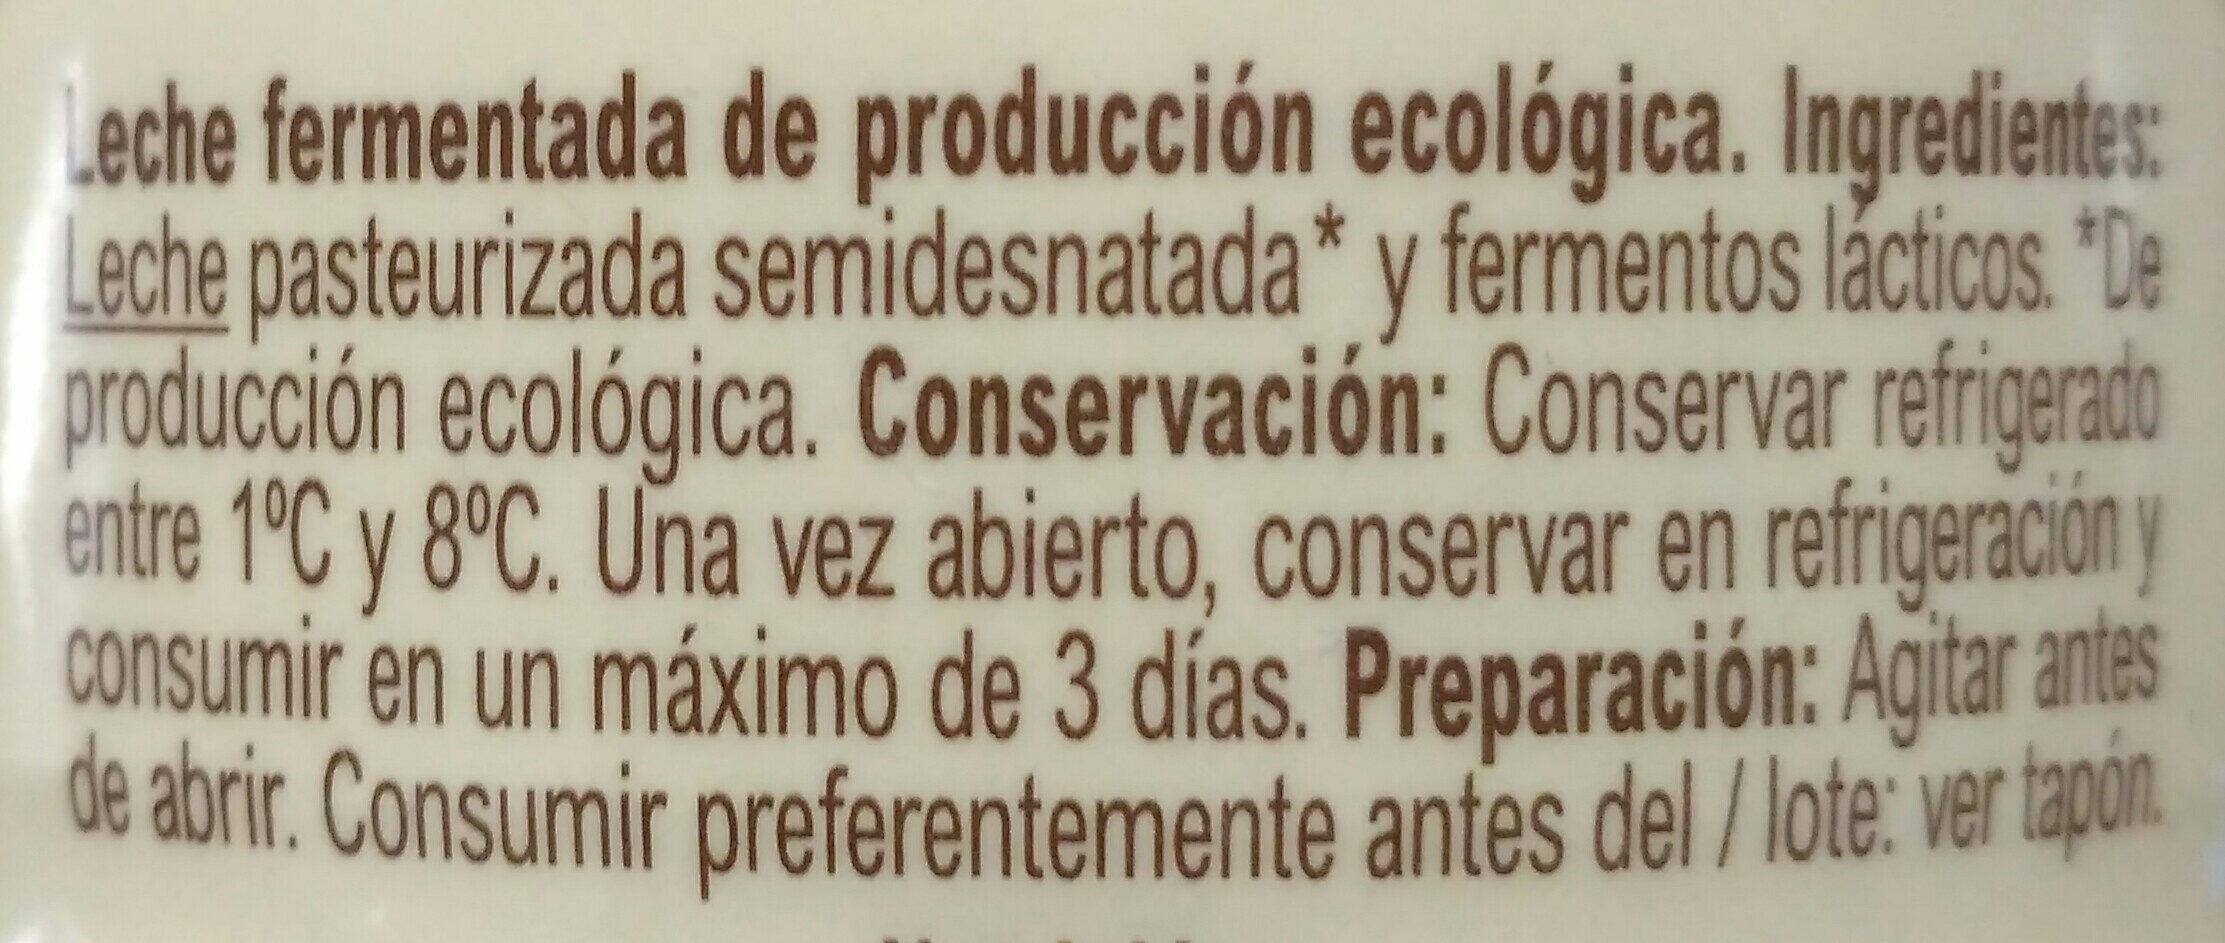 Kefir Liquido Natural - Ingredients - es